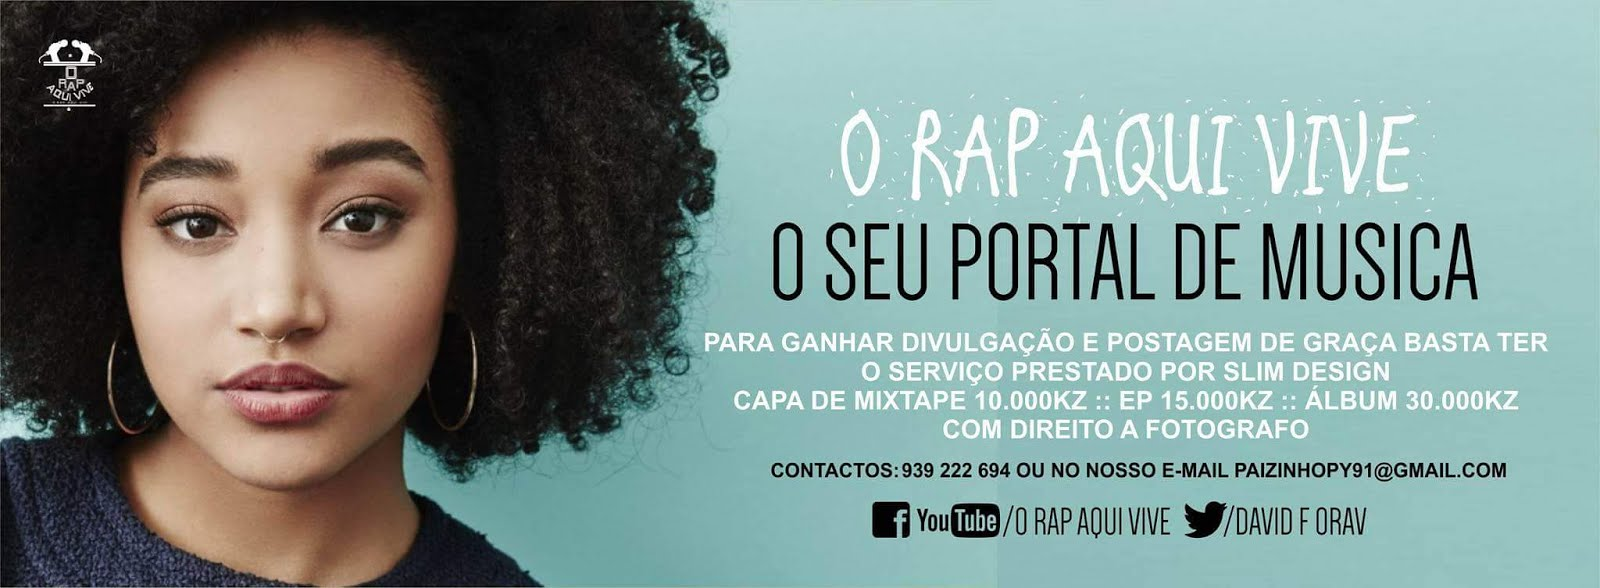 O Rap Aqui Vive